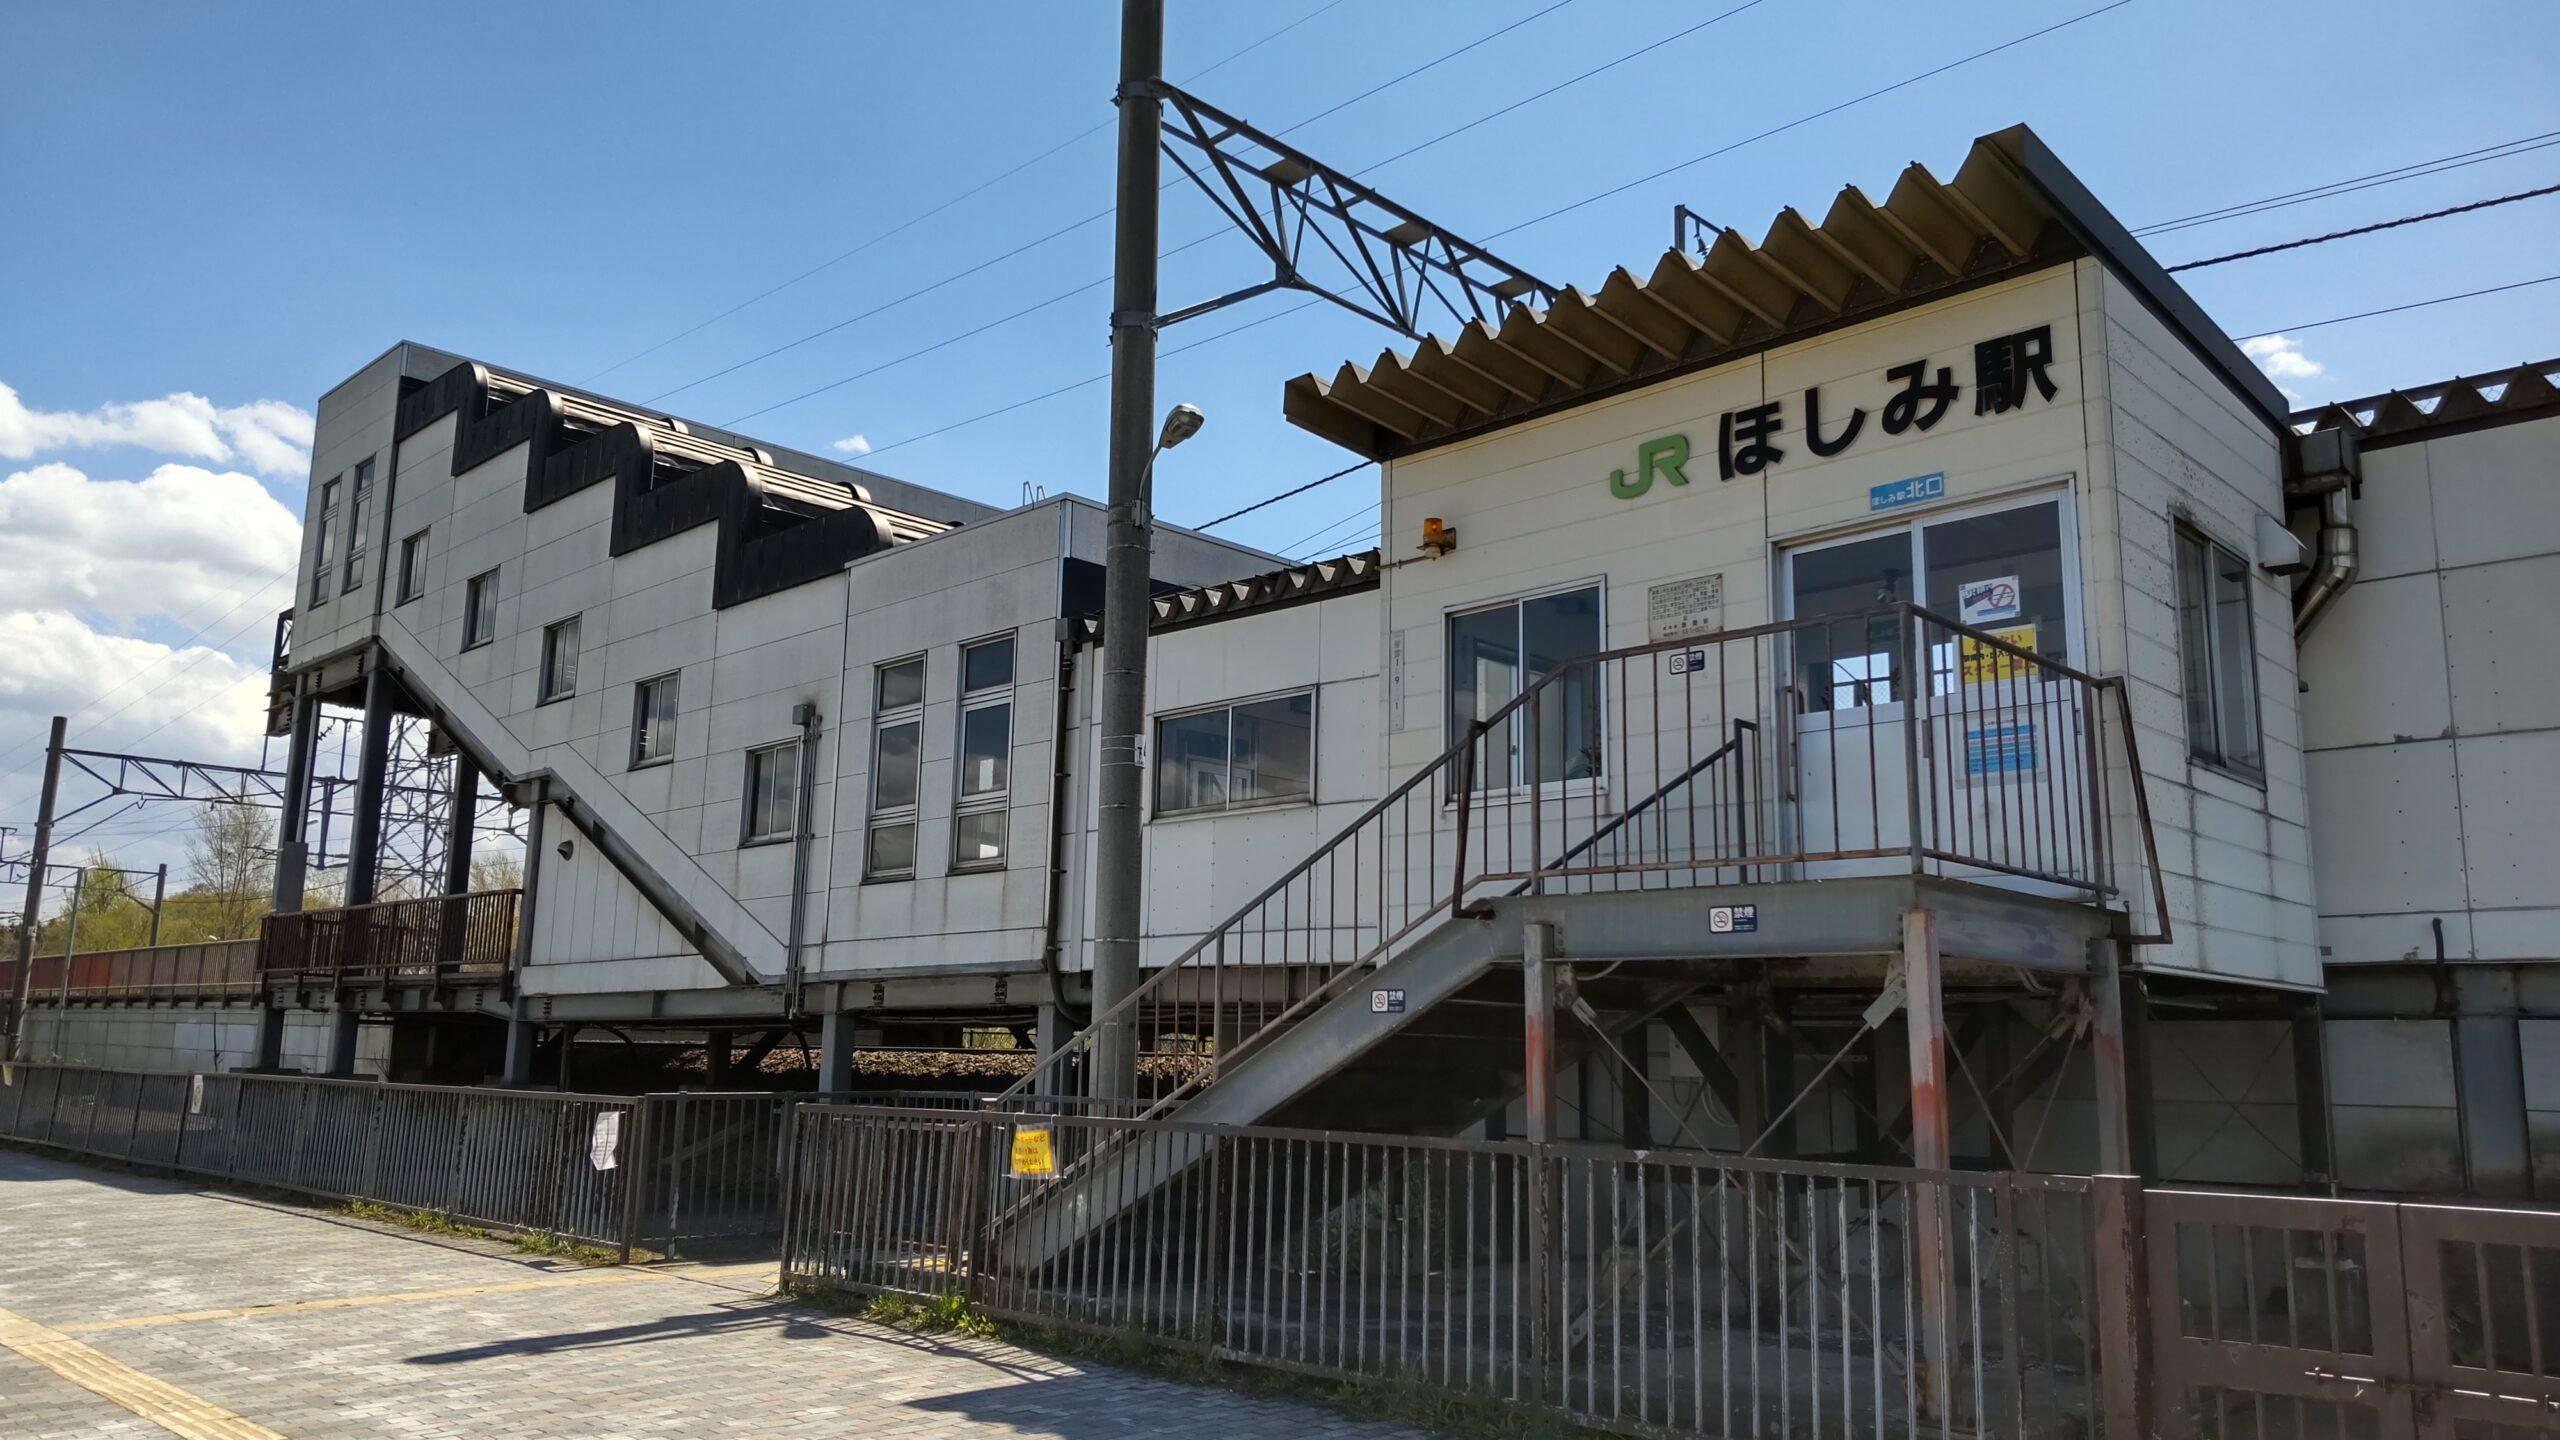 JRほしみ駅